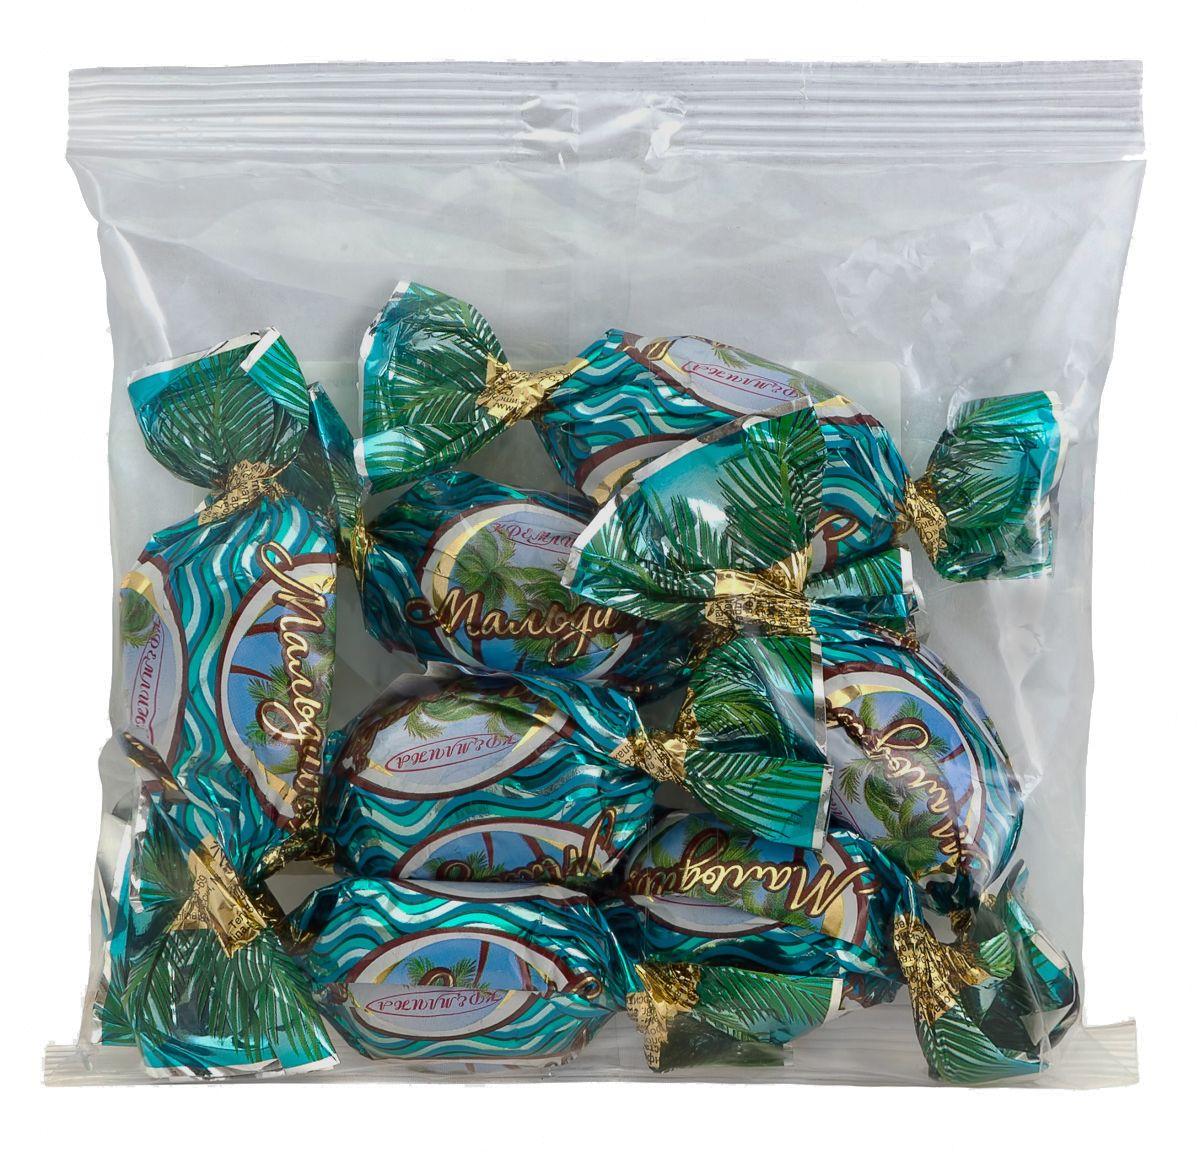 Кремлина Кэжуал Мальдивы конфеты сливочные с воздушным рисом, 140 г4607039271706Тропики, кокос, нежность шоколада. Струящийся сквозь пальцы песок и крики цветастых райских птах. Голубая вода и легкий морской бриз. Все это вы сможете найти в конфетах Мальдивы.